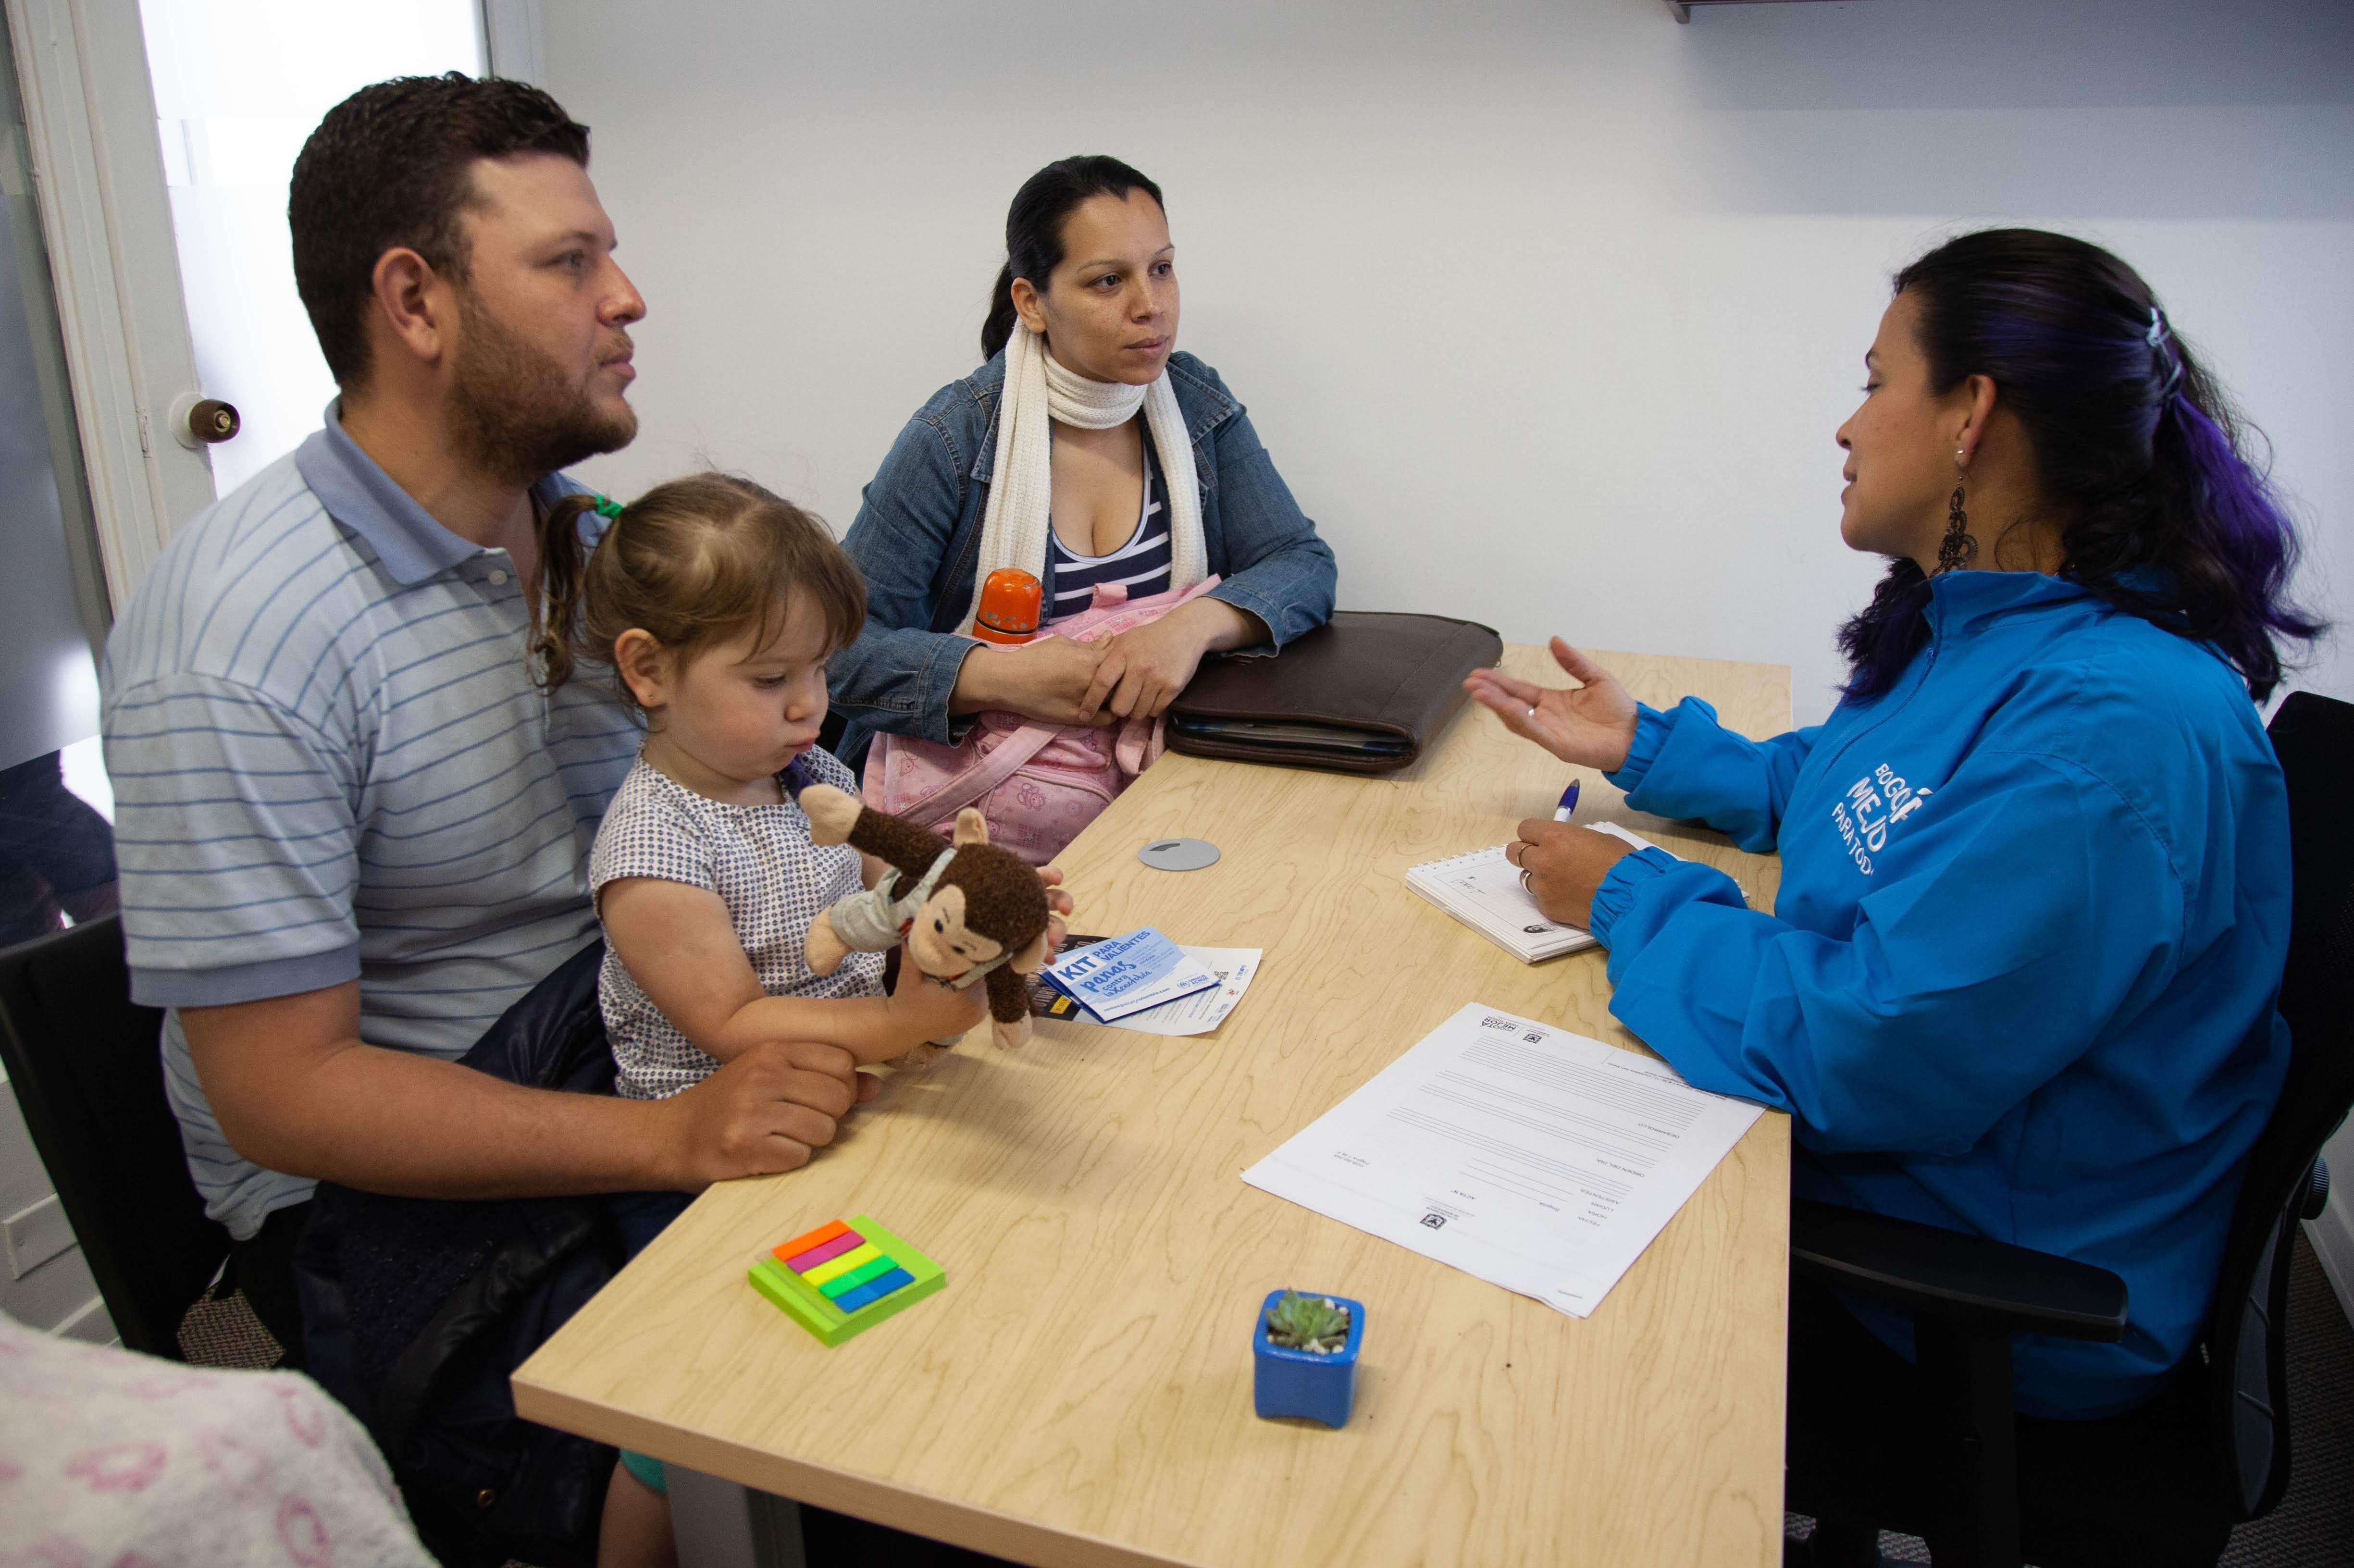 Centro de Atención al Inmigrante que se abrió en Bogotá